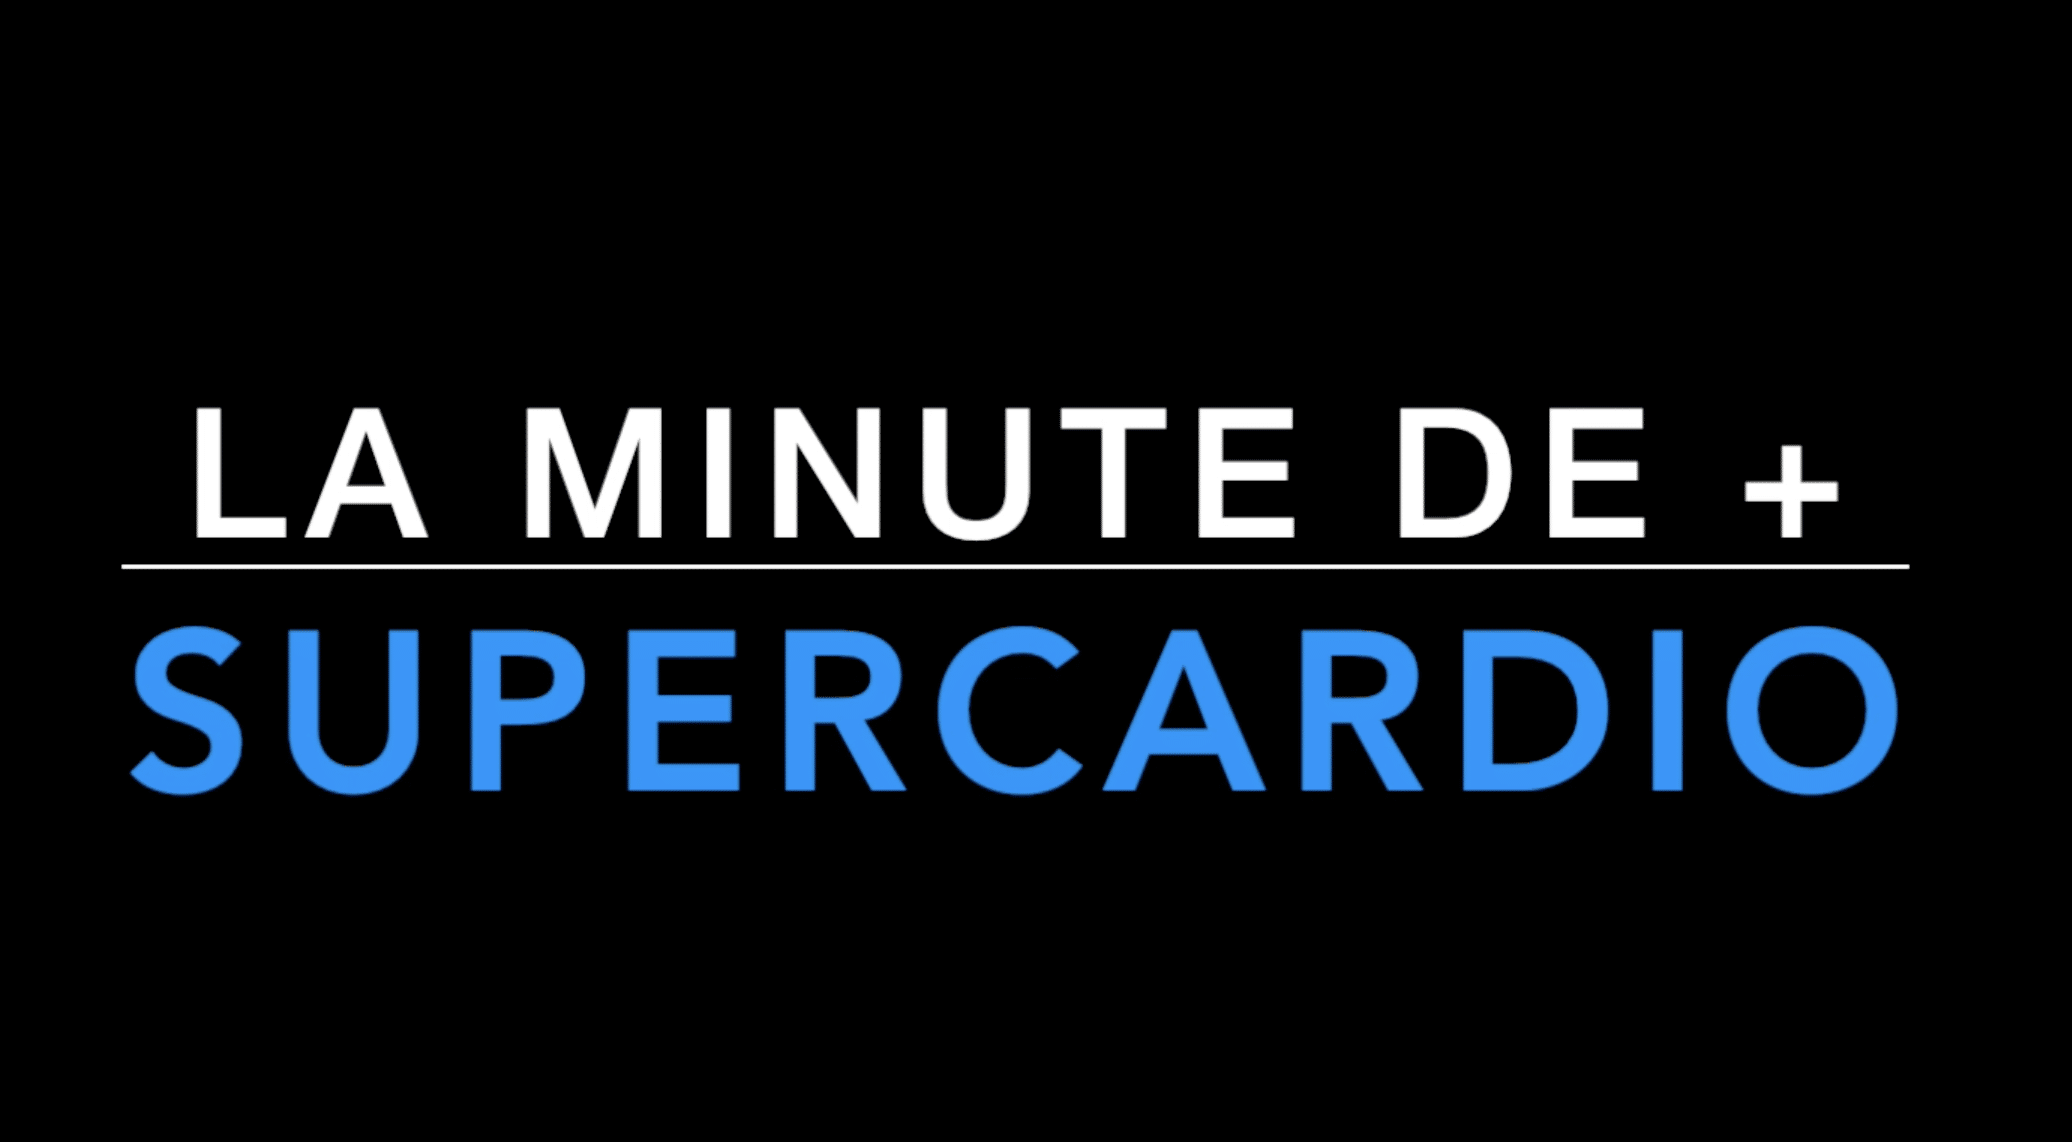 La minute de + Supercardio